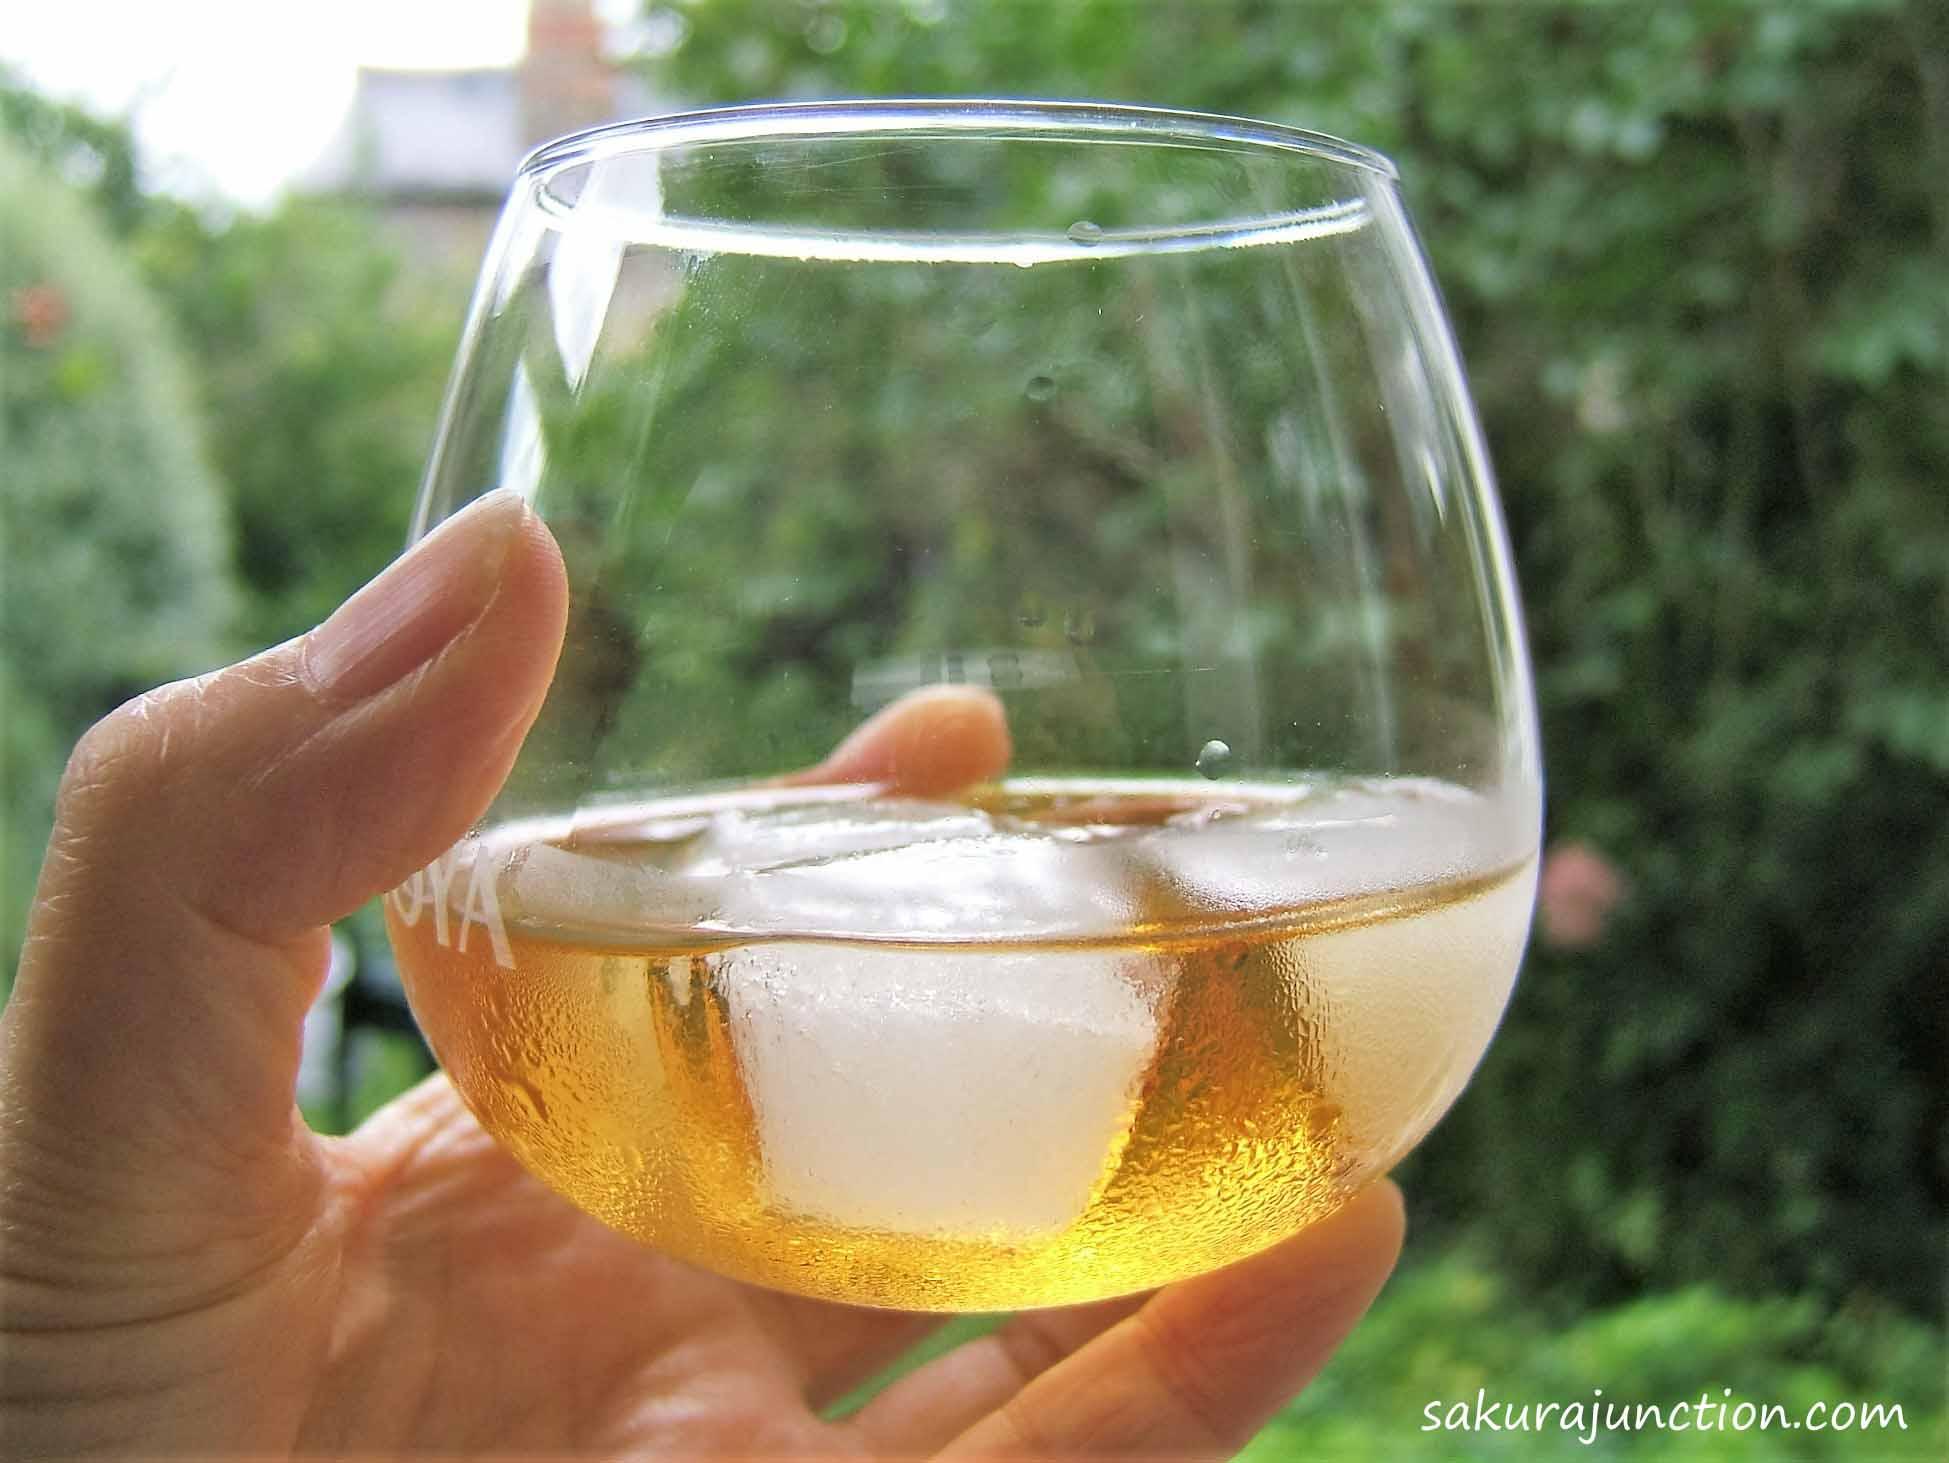 Umeshu in glass